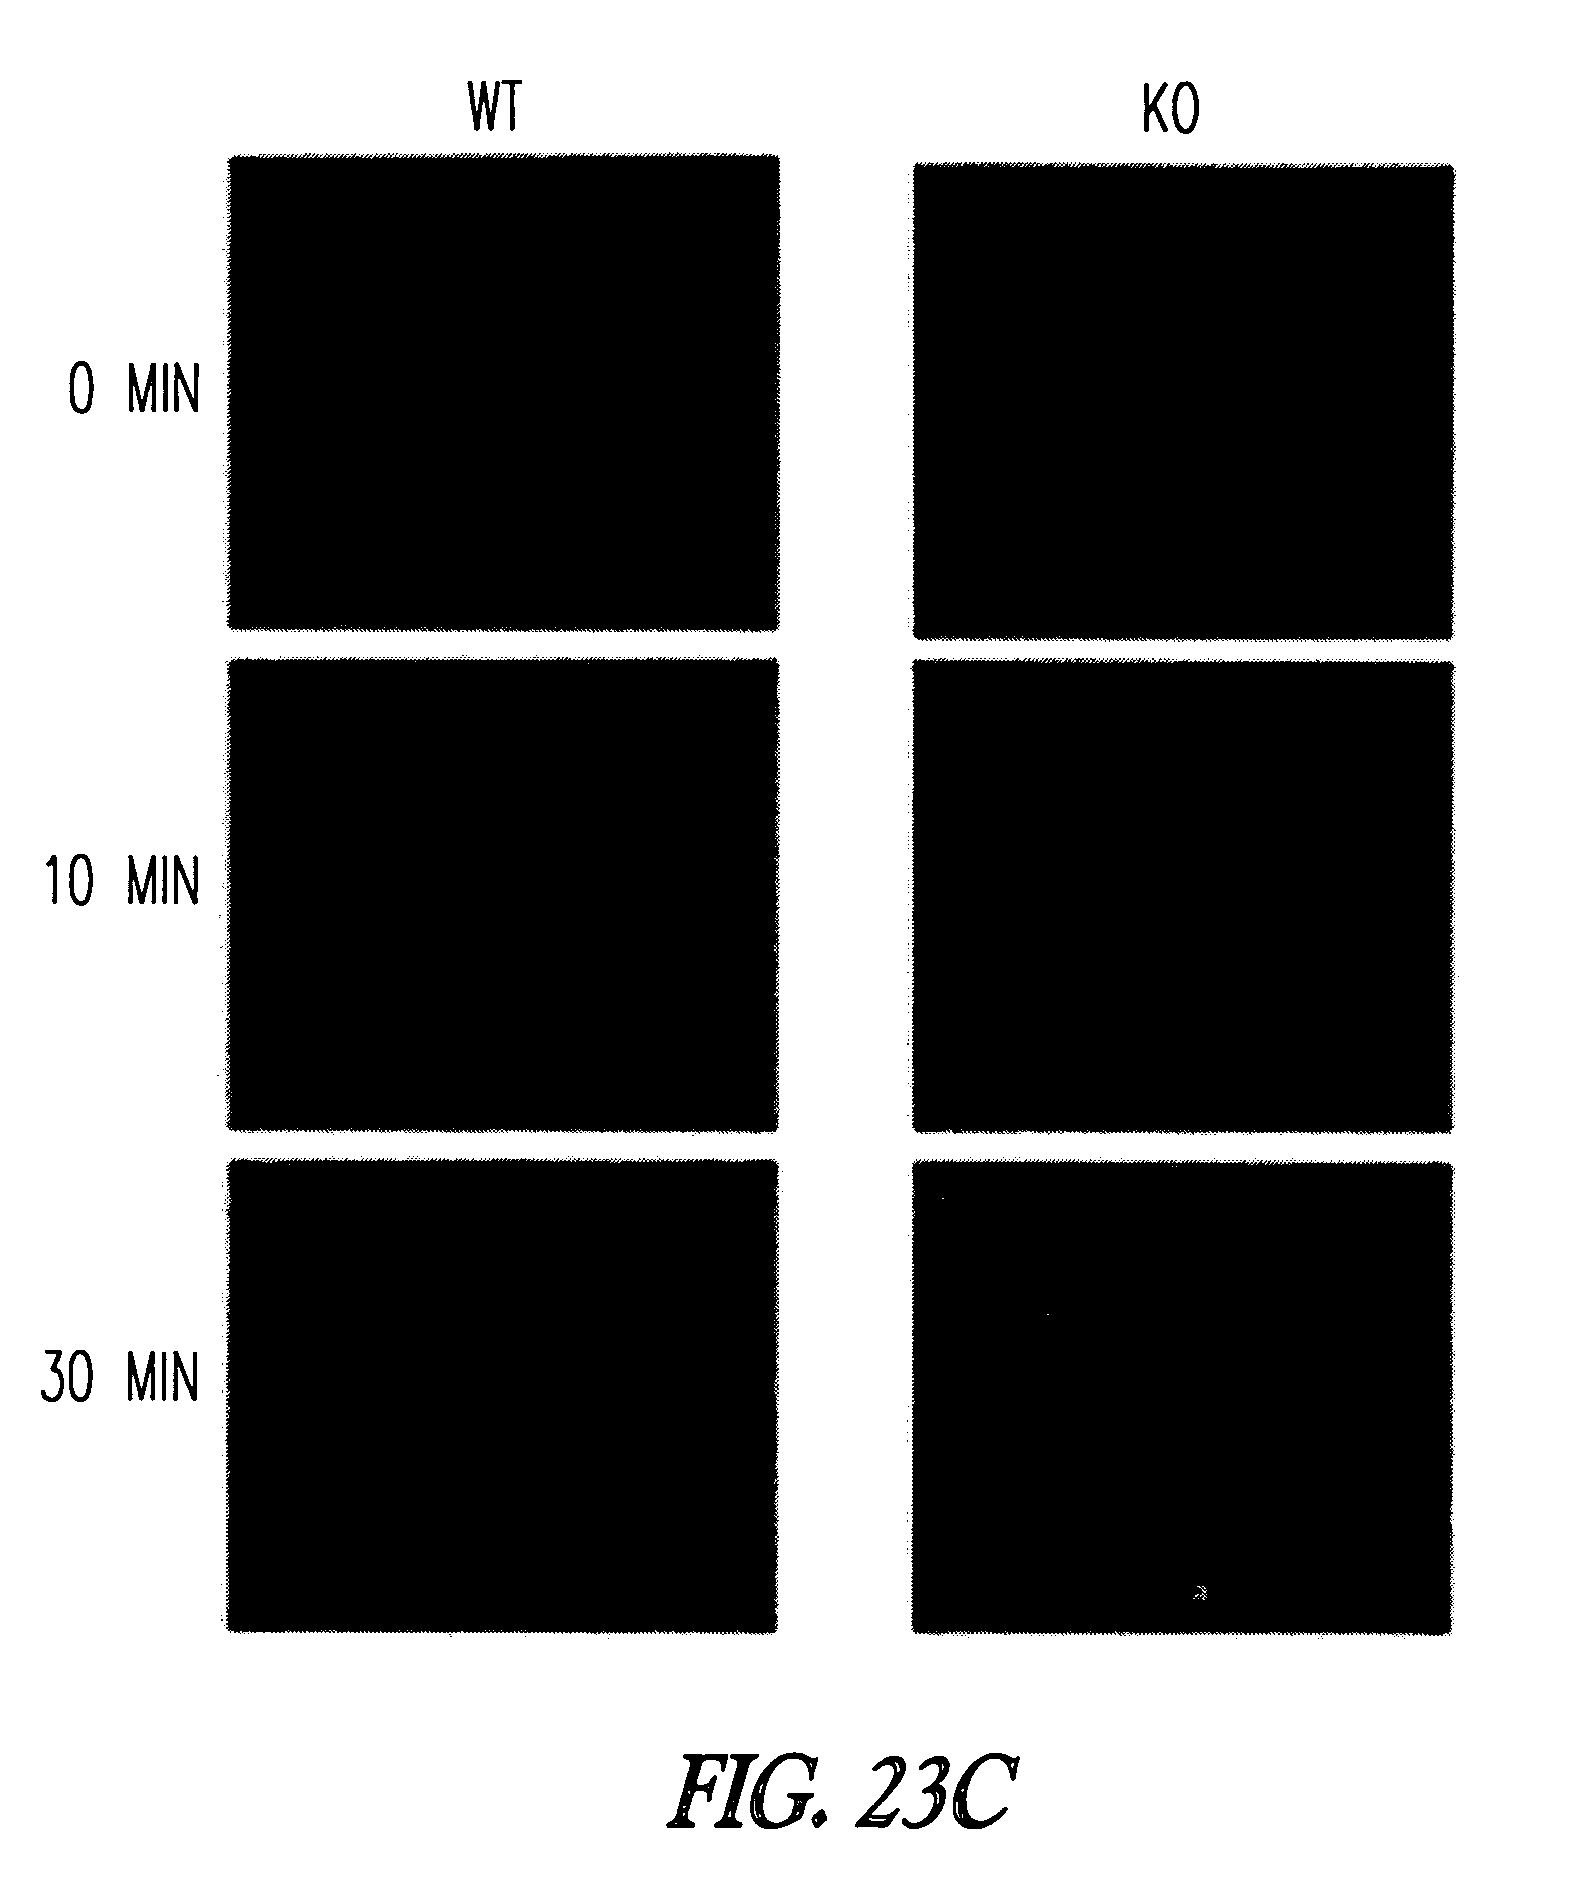 5-methyltetrahydrosarcinapterin:corrinoid/iron-sulfur protein Co-methyltransferase